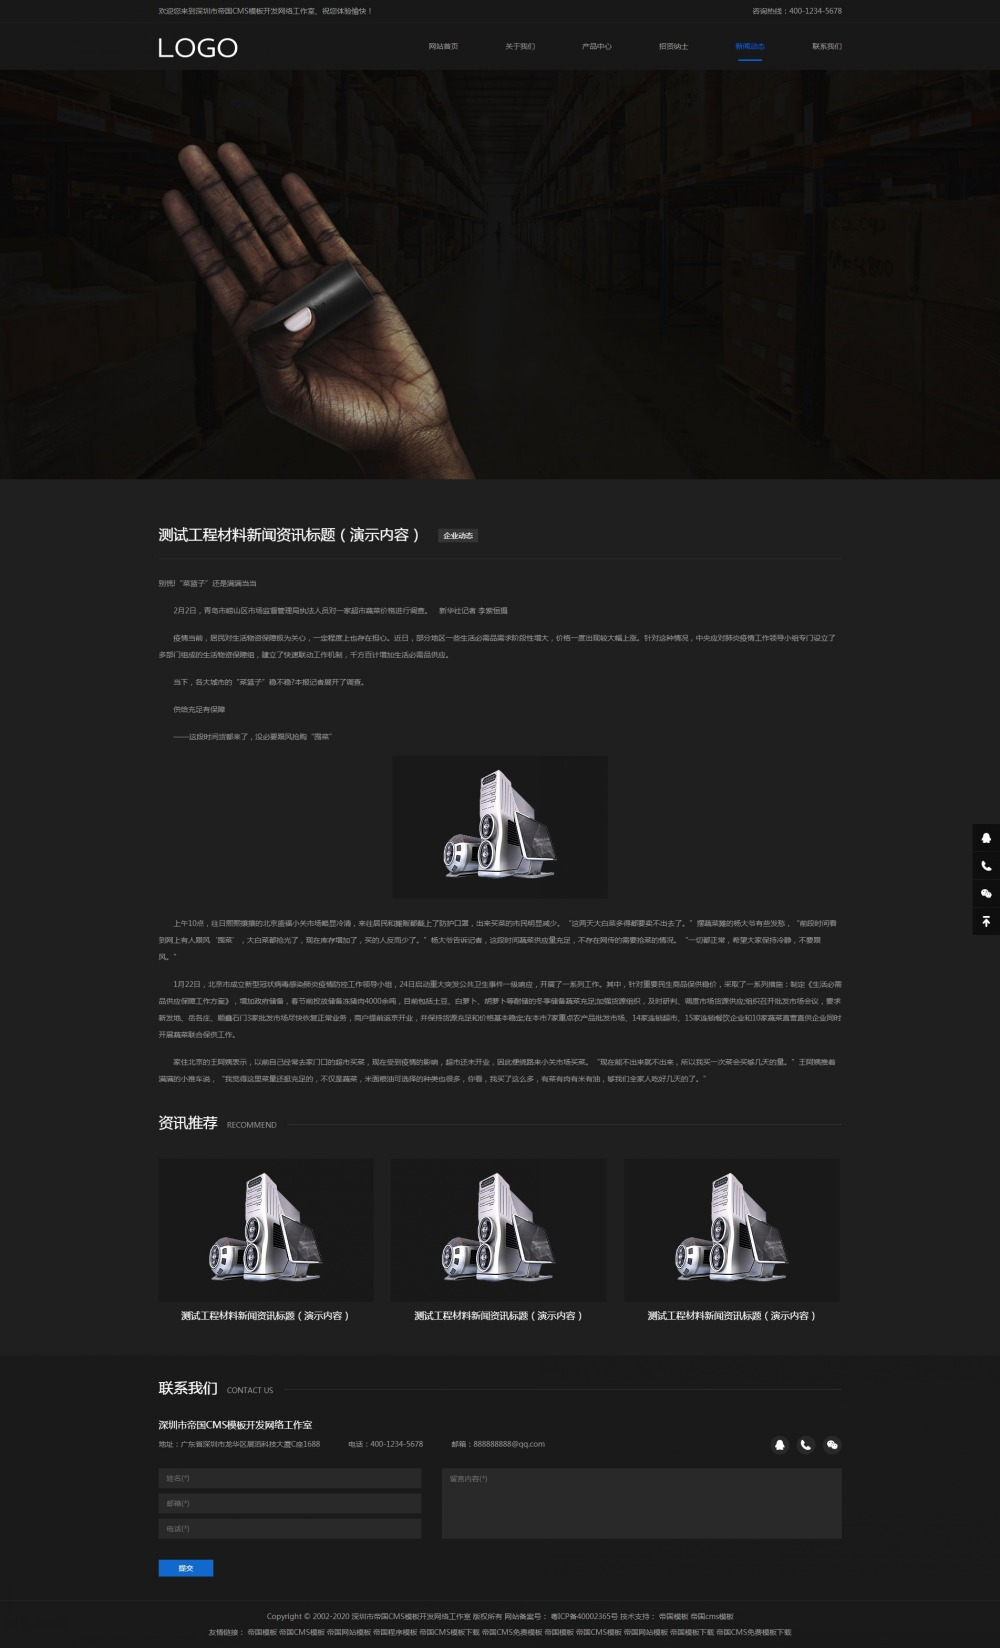 9新闻内容页.jpg [DG-0179]黑色响应式环保新材料网站类帝国cms模板 HTML5高新技术新型材料帝国cms网站源码下载 企业模板 第9张